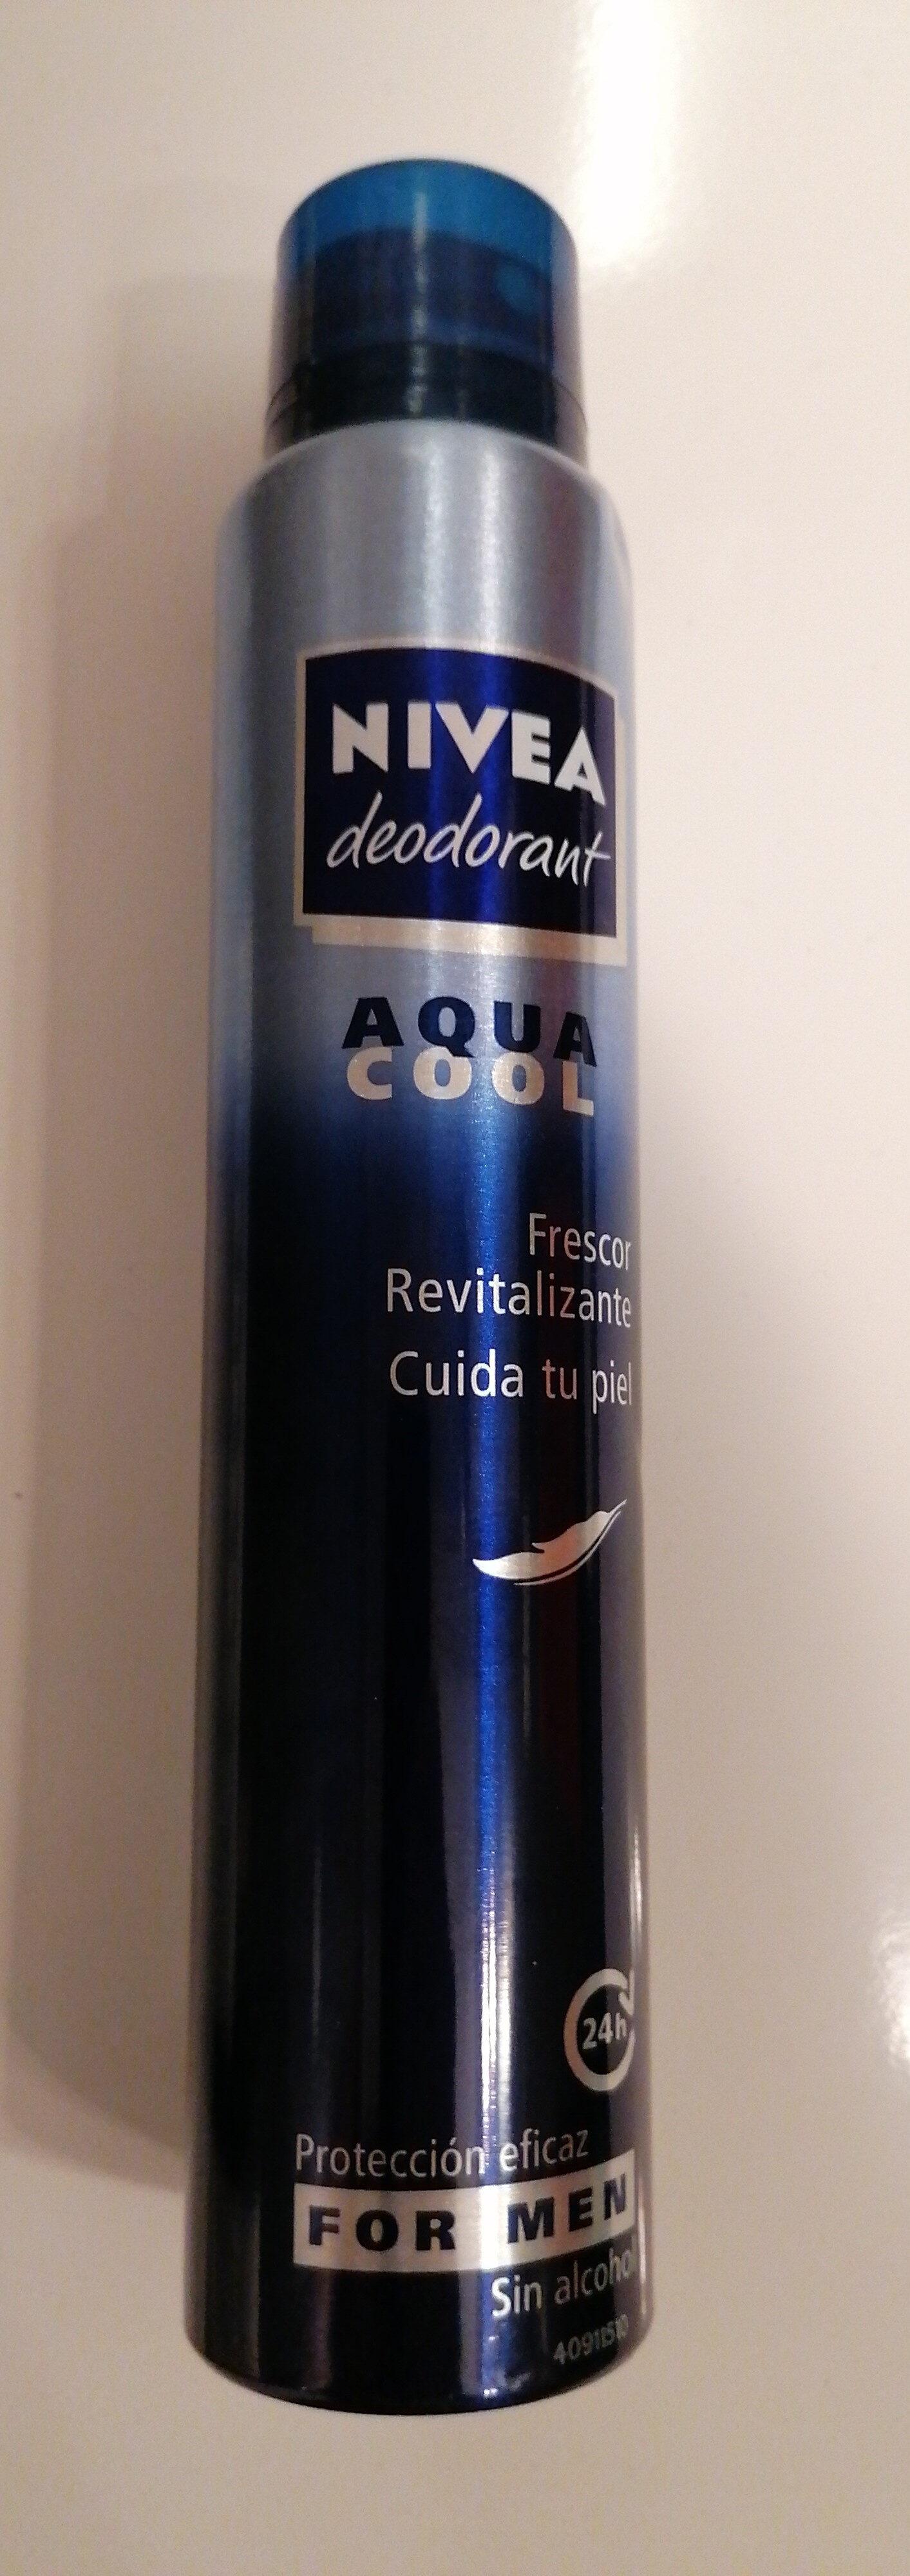 Nivea deodorant Aqua Cool For Men - Product - es